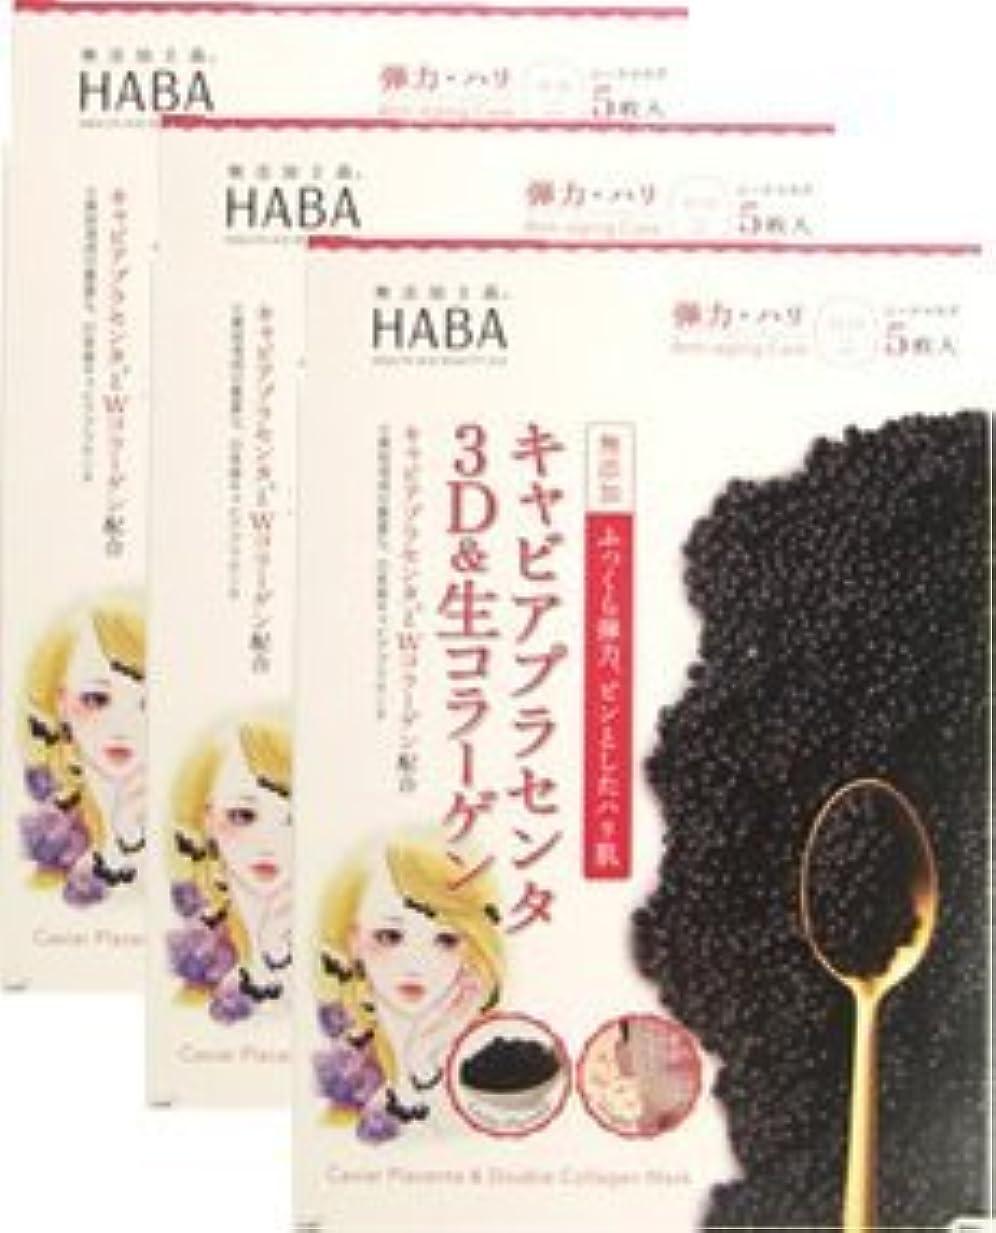 つば代替案国家HABA キャビアプラセンタ コラーゲンマスク 5包入り(箱入) 3個セット